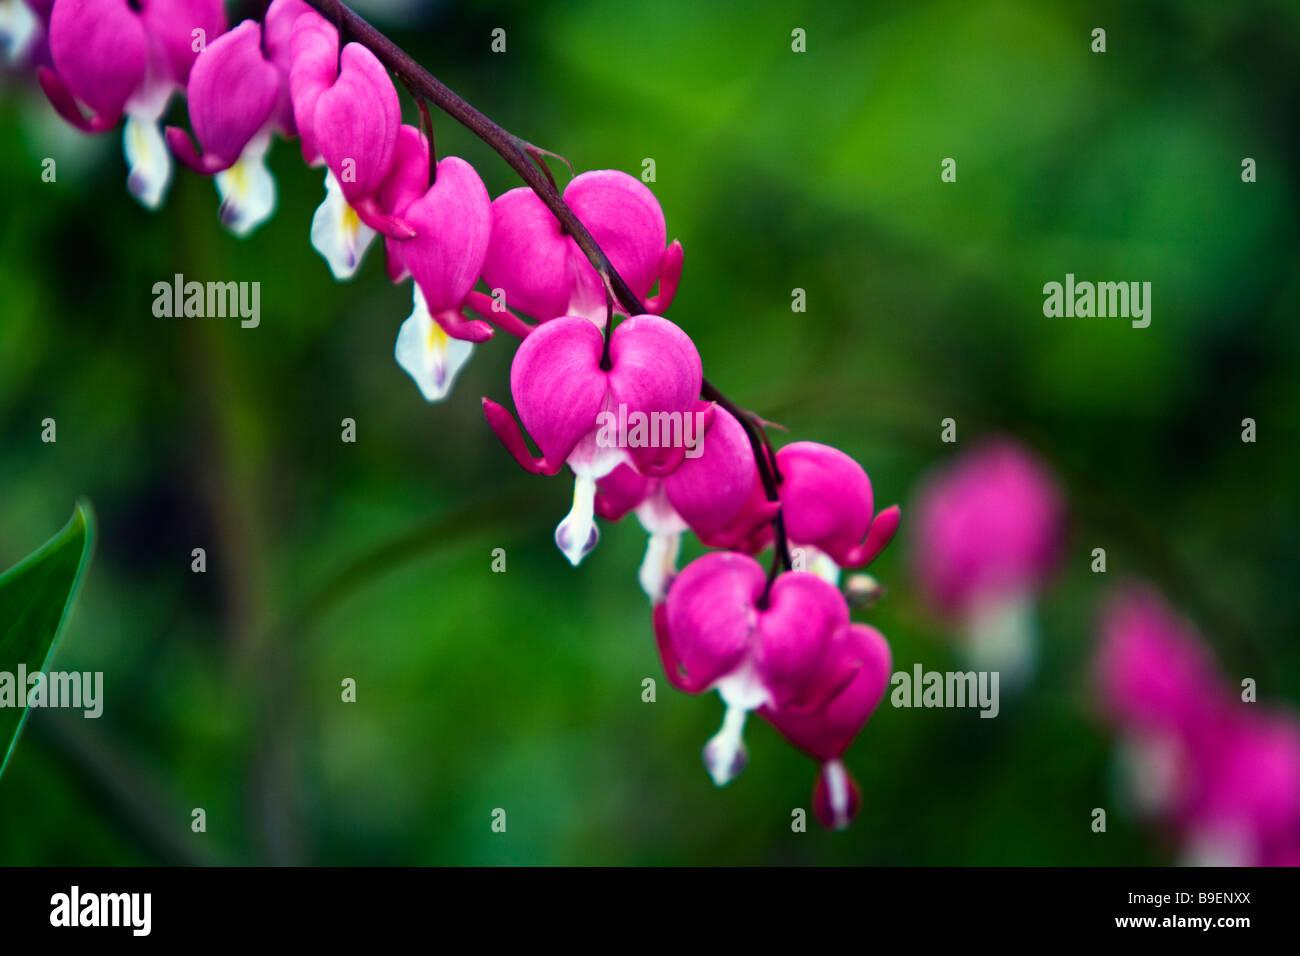 Blumensorte Stockfotos & Blumensorte Bilder